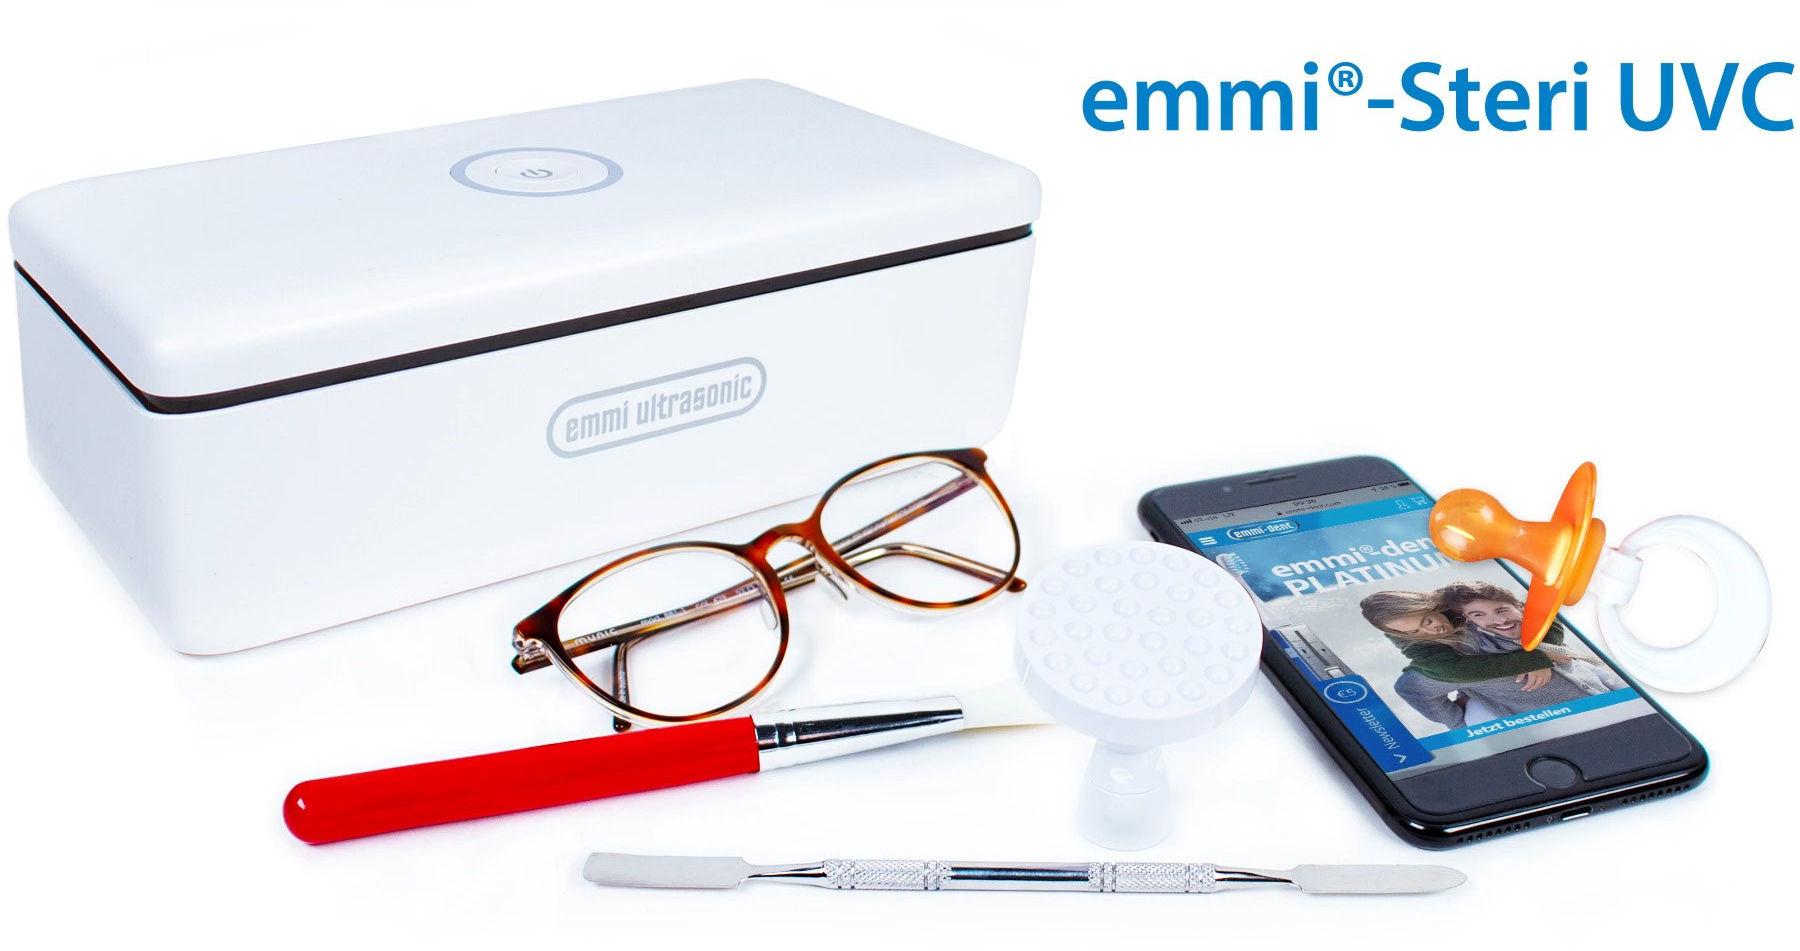 Emmi  -Steri UVC LED Urządzenie do szybkiej sterylizacji